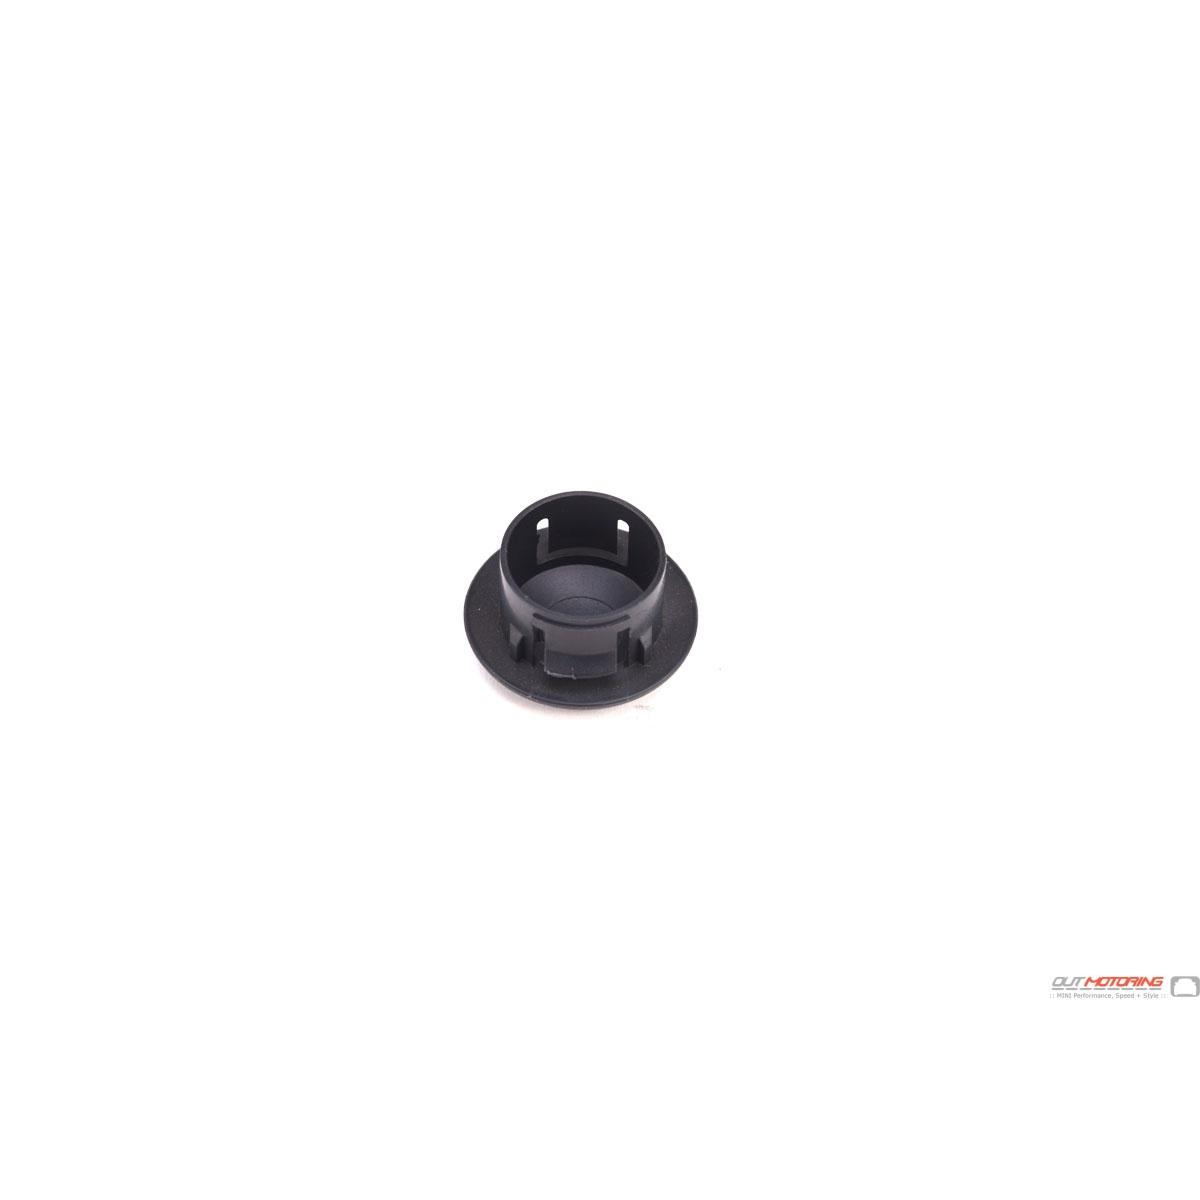 51437034489 MINI Cooper Replacement Parts Covering Cap